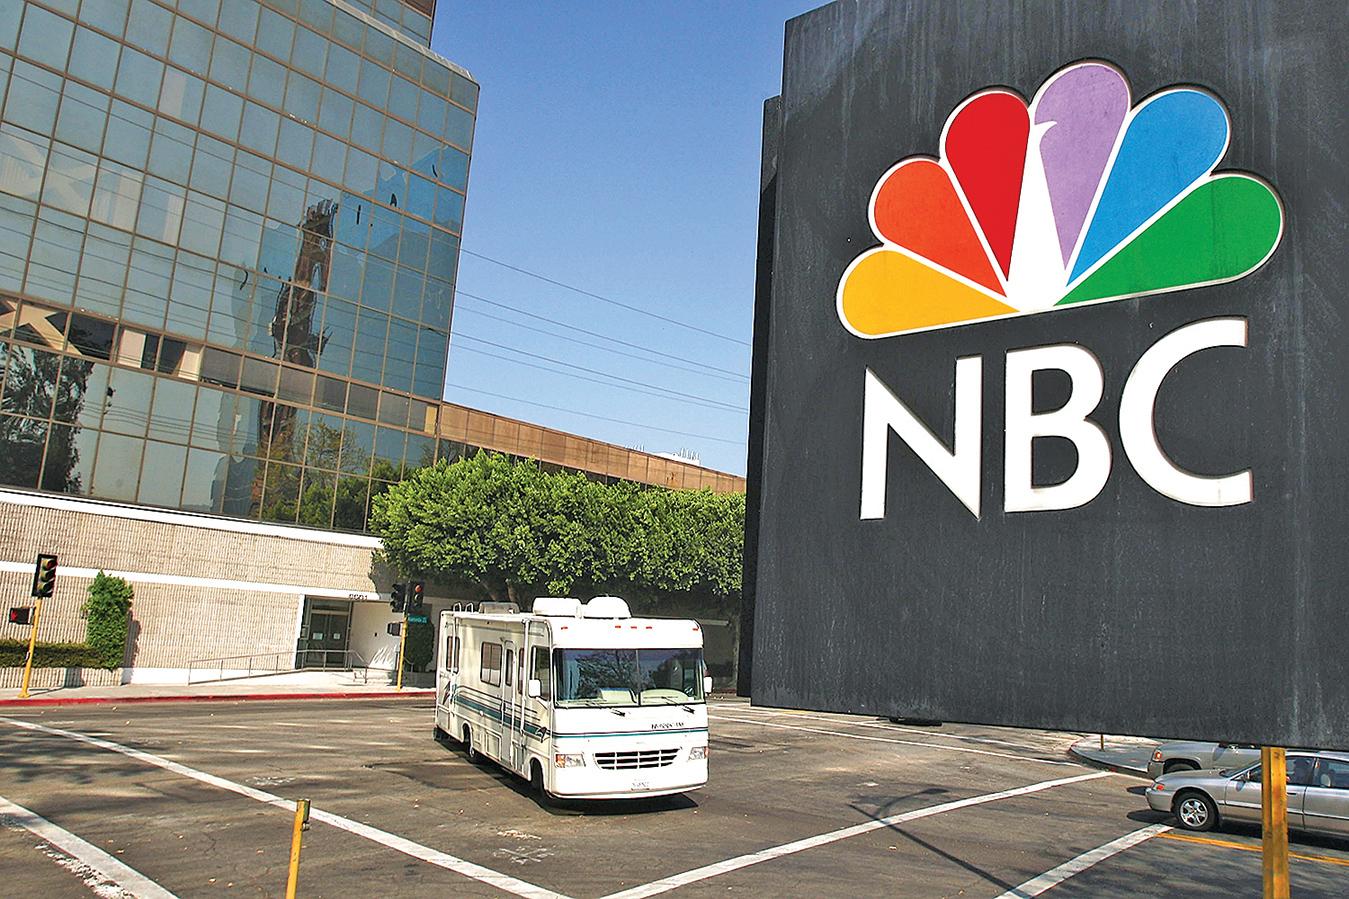 2010年,NBC與中共黨媒新華社就有了商業合作。圖為2008年NBC在美國加州的一處廣告牌。(Getty Images)